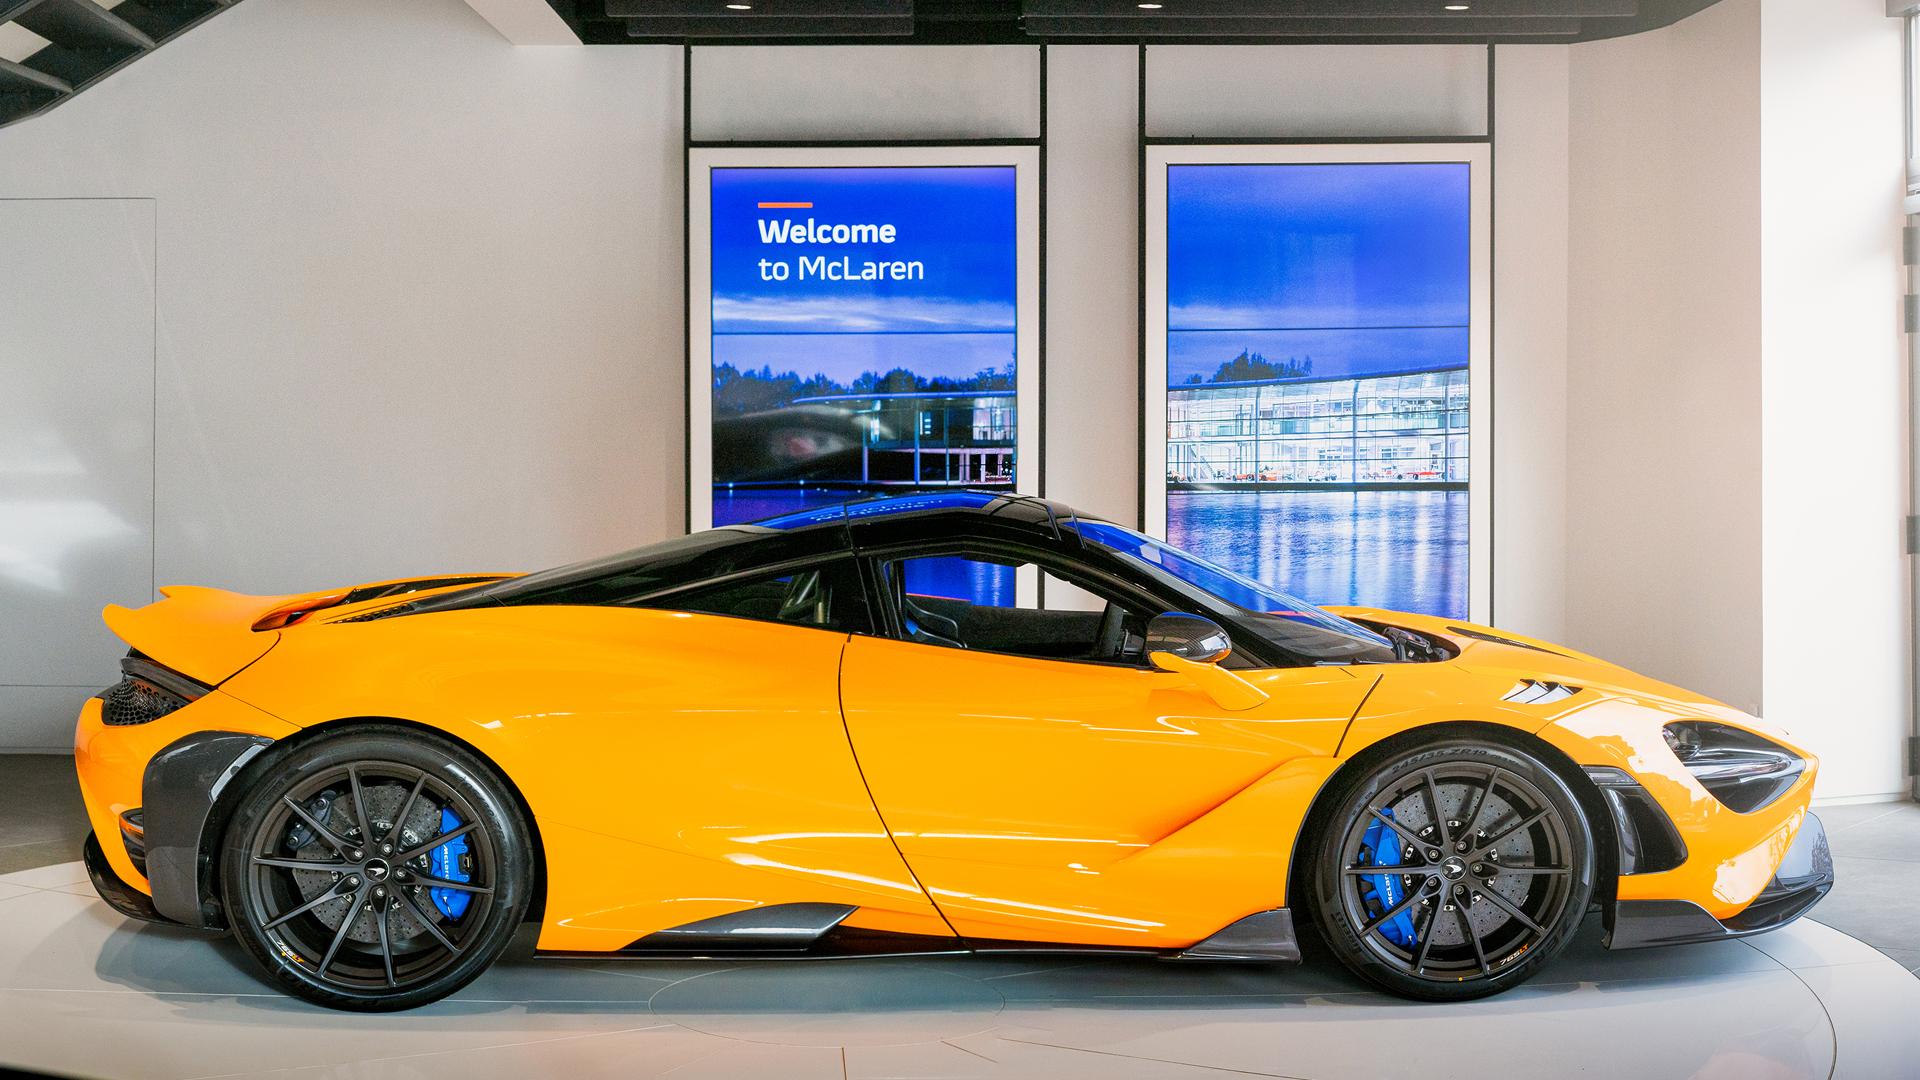 Notícias - McLaren 765LT Prêmio